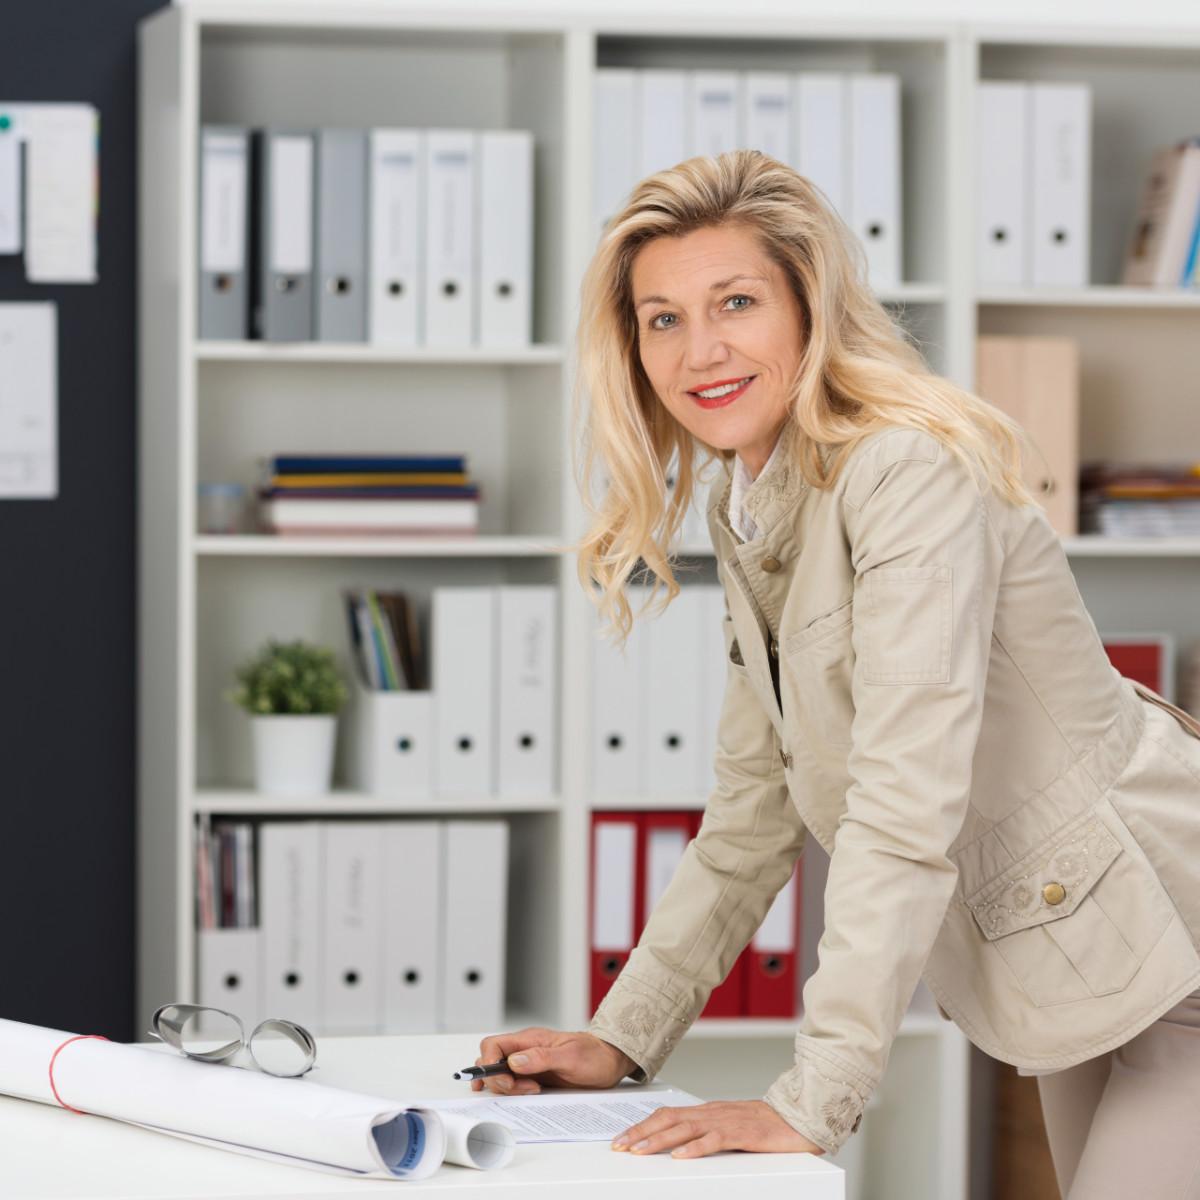 Over 55 Skills At Work - Female Senior Entrepreneur